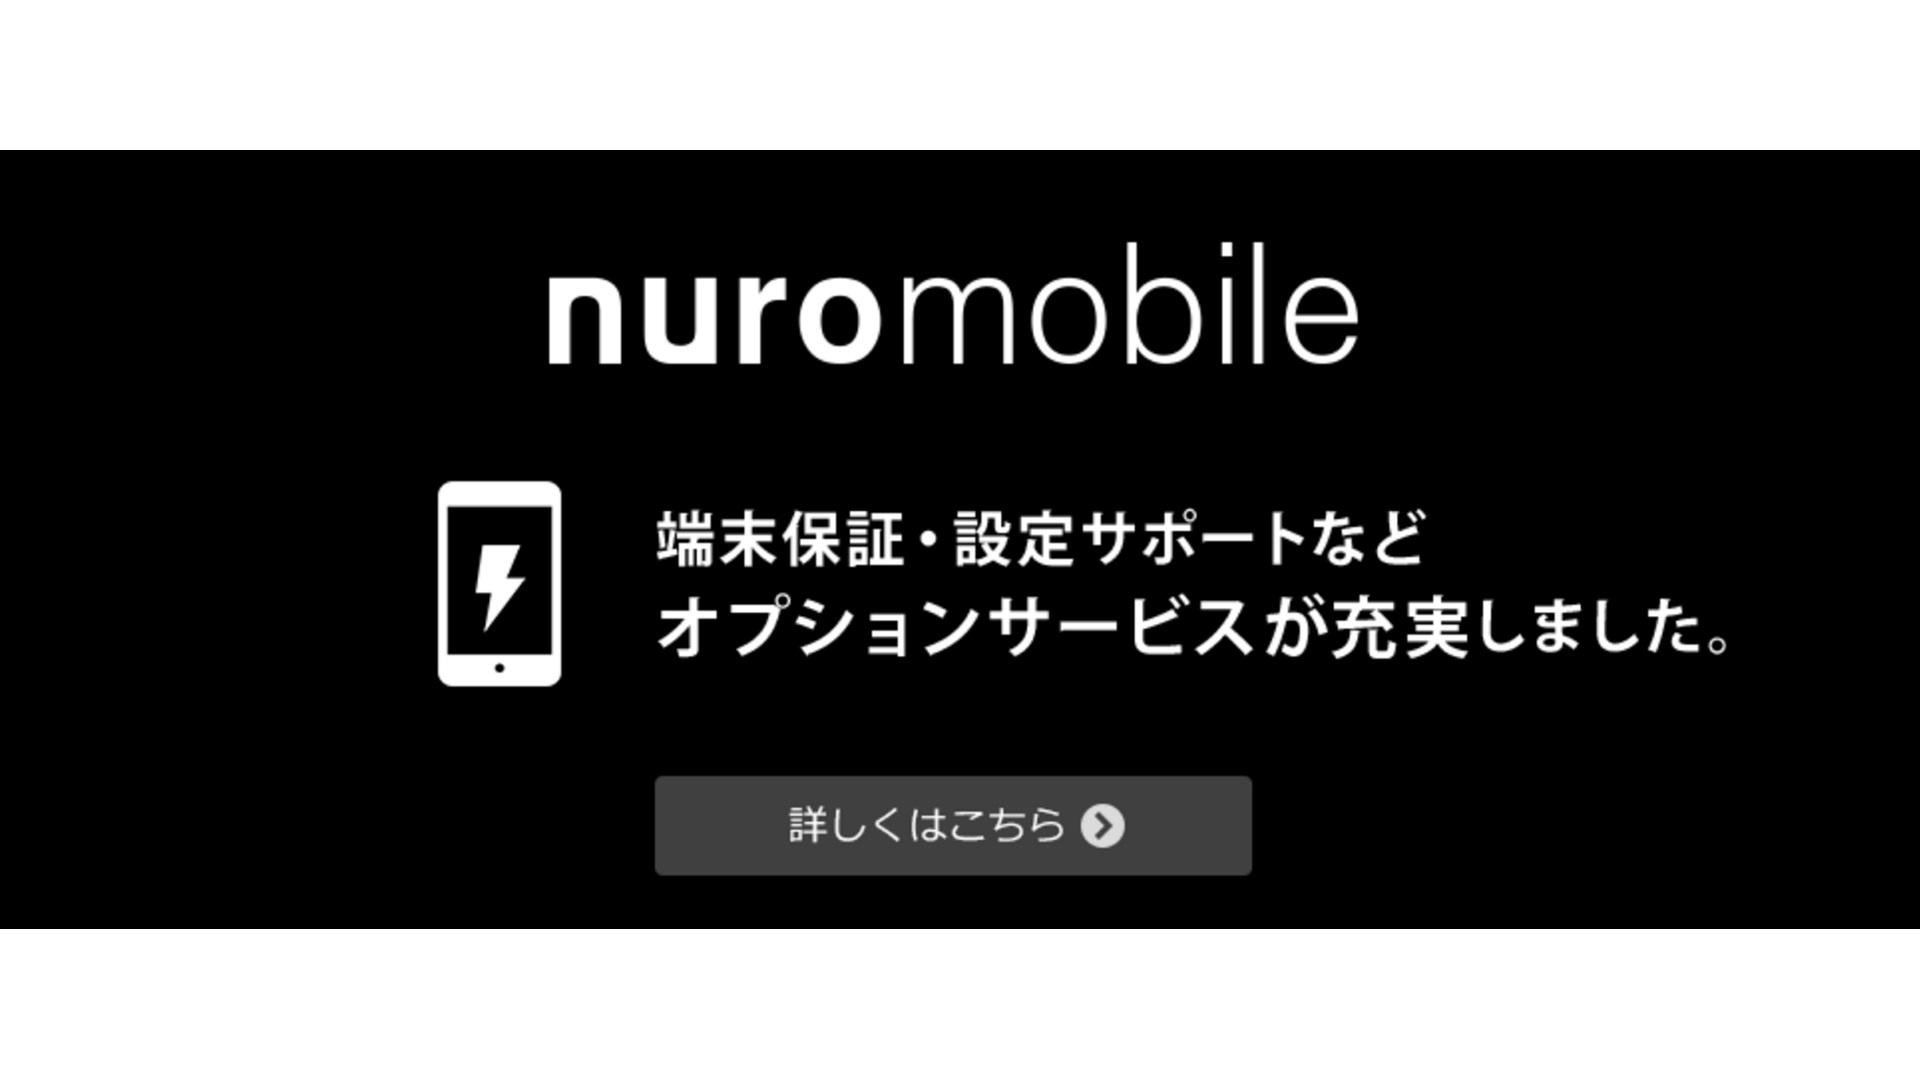 nuroモバイル、業界初「データ前借り」などの新サービスを提供開始